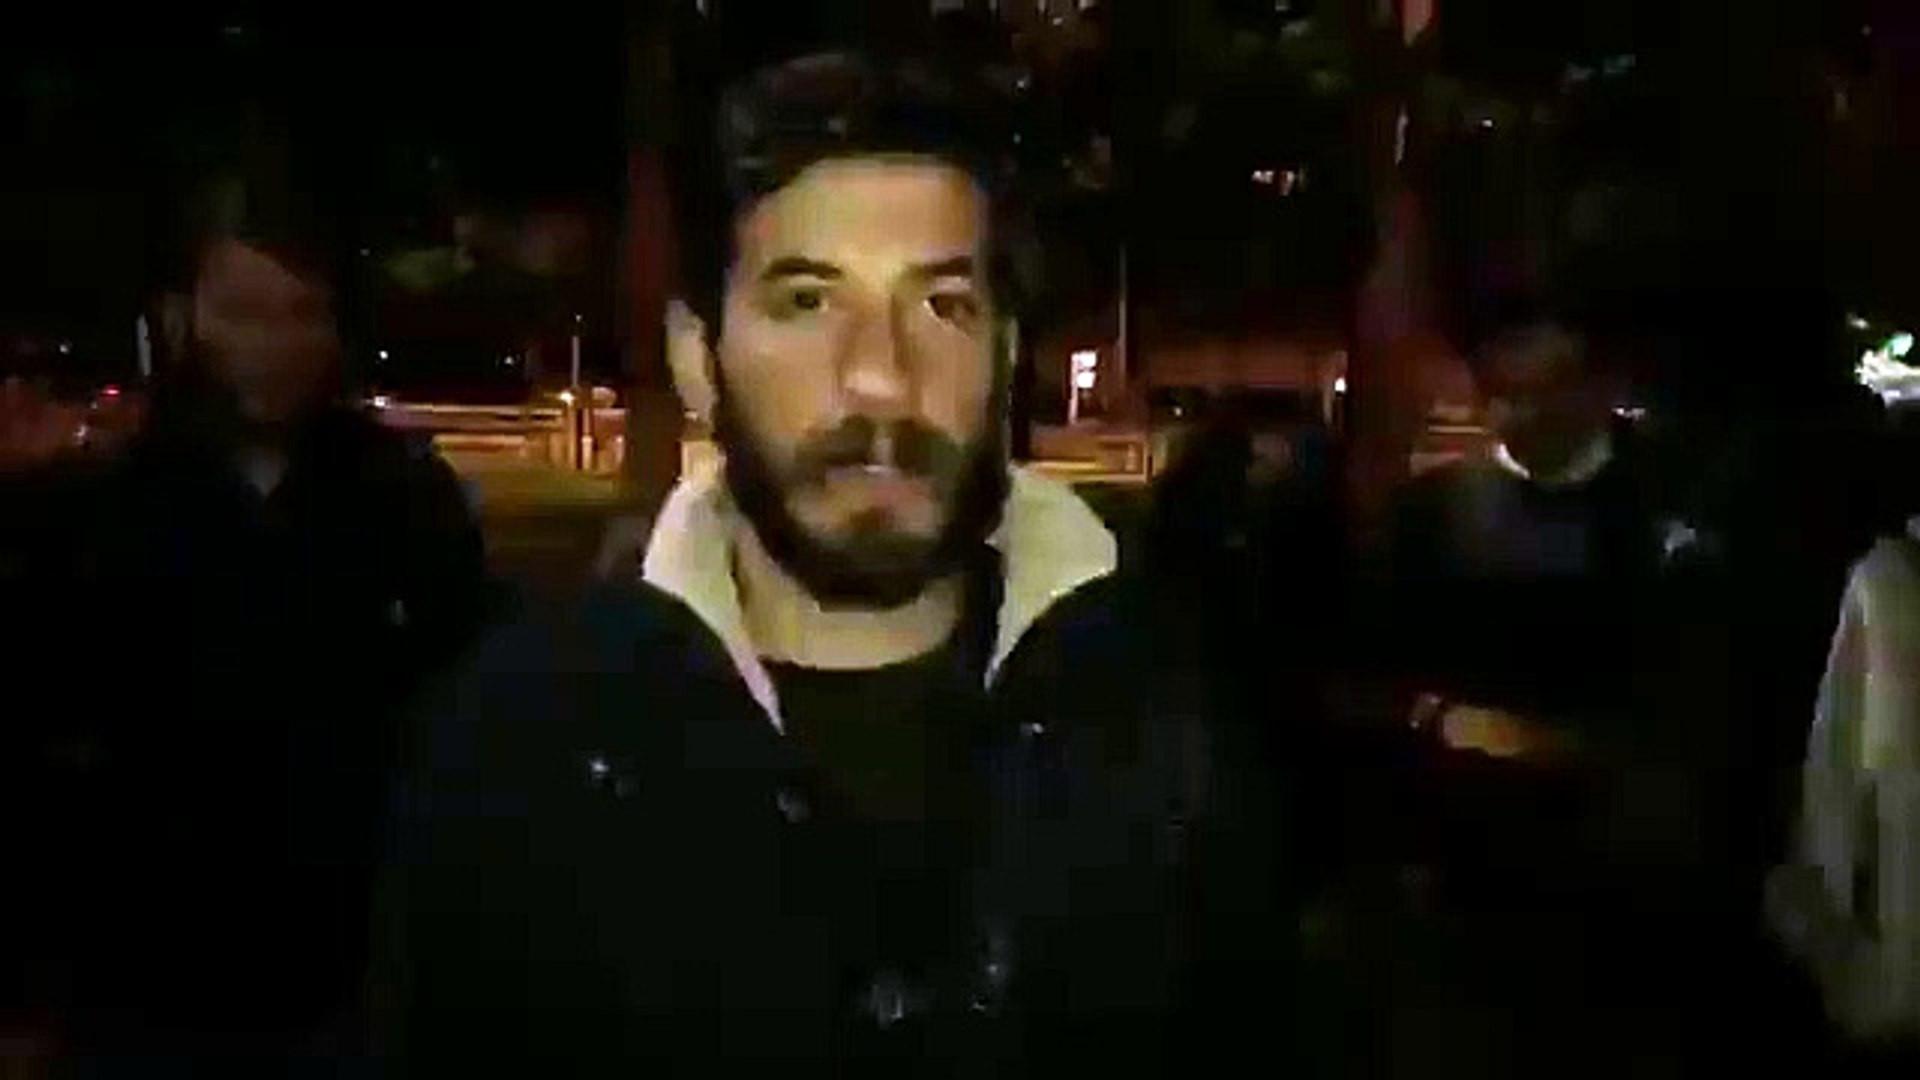 Barınamayan öğrencilerin eyleme devam ediyor: Kocaeli'nde polisten müdahale